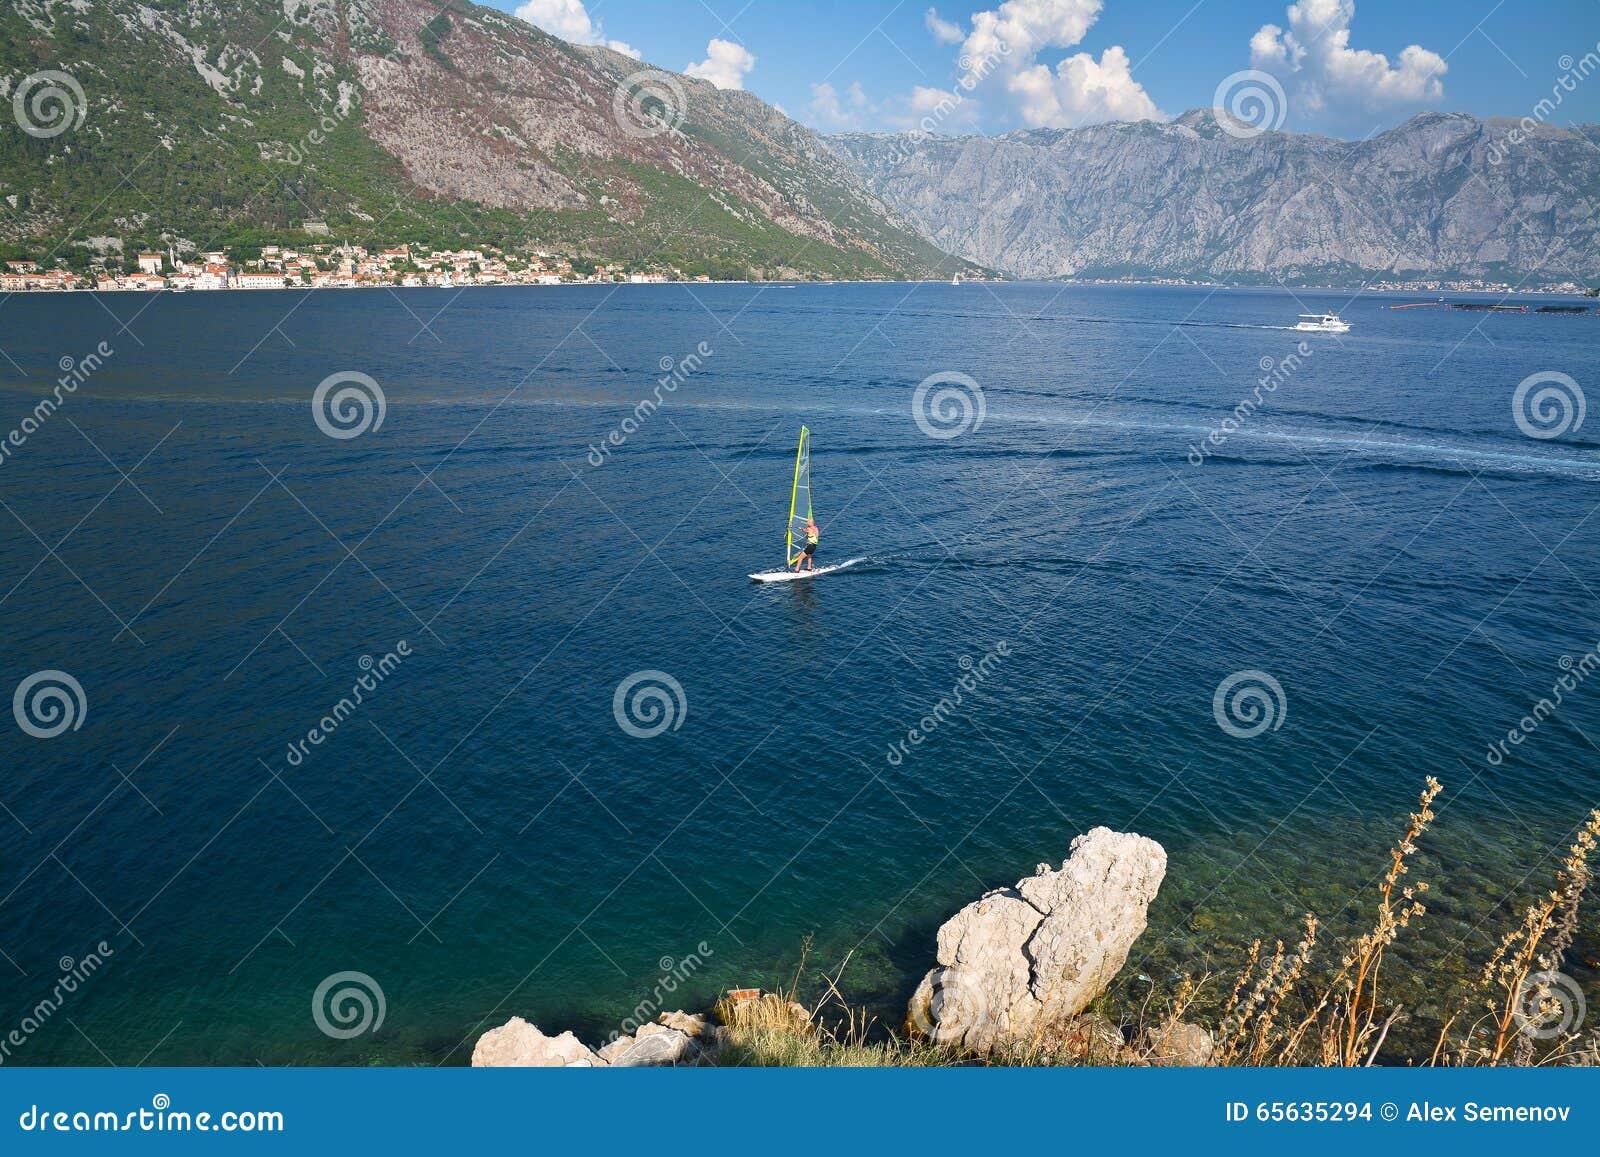 La planche à voile croise la baie de Kotor